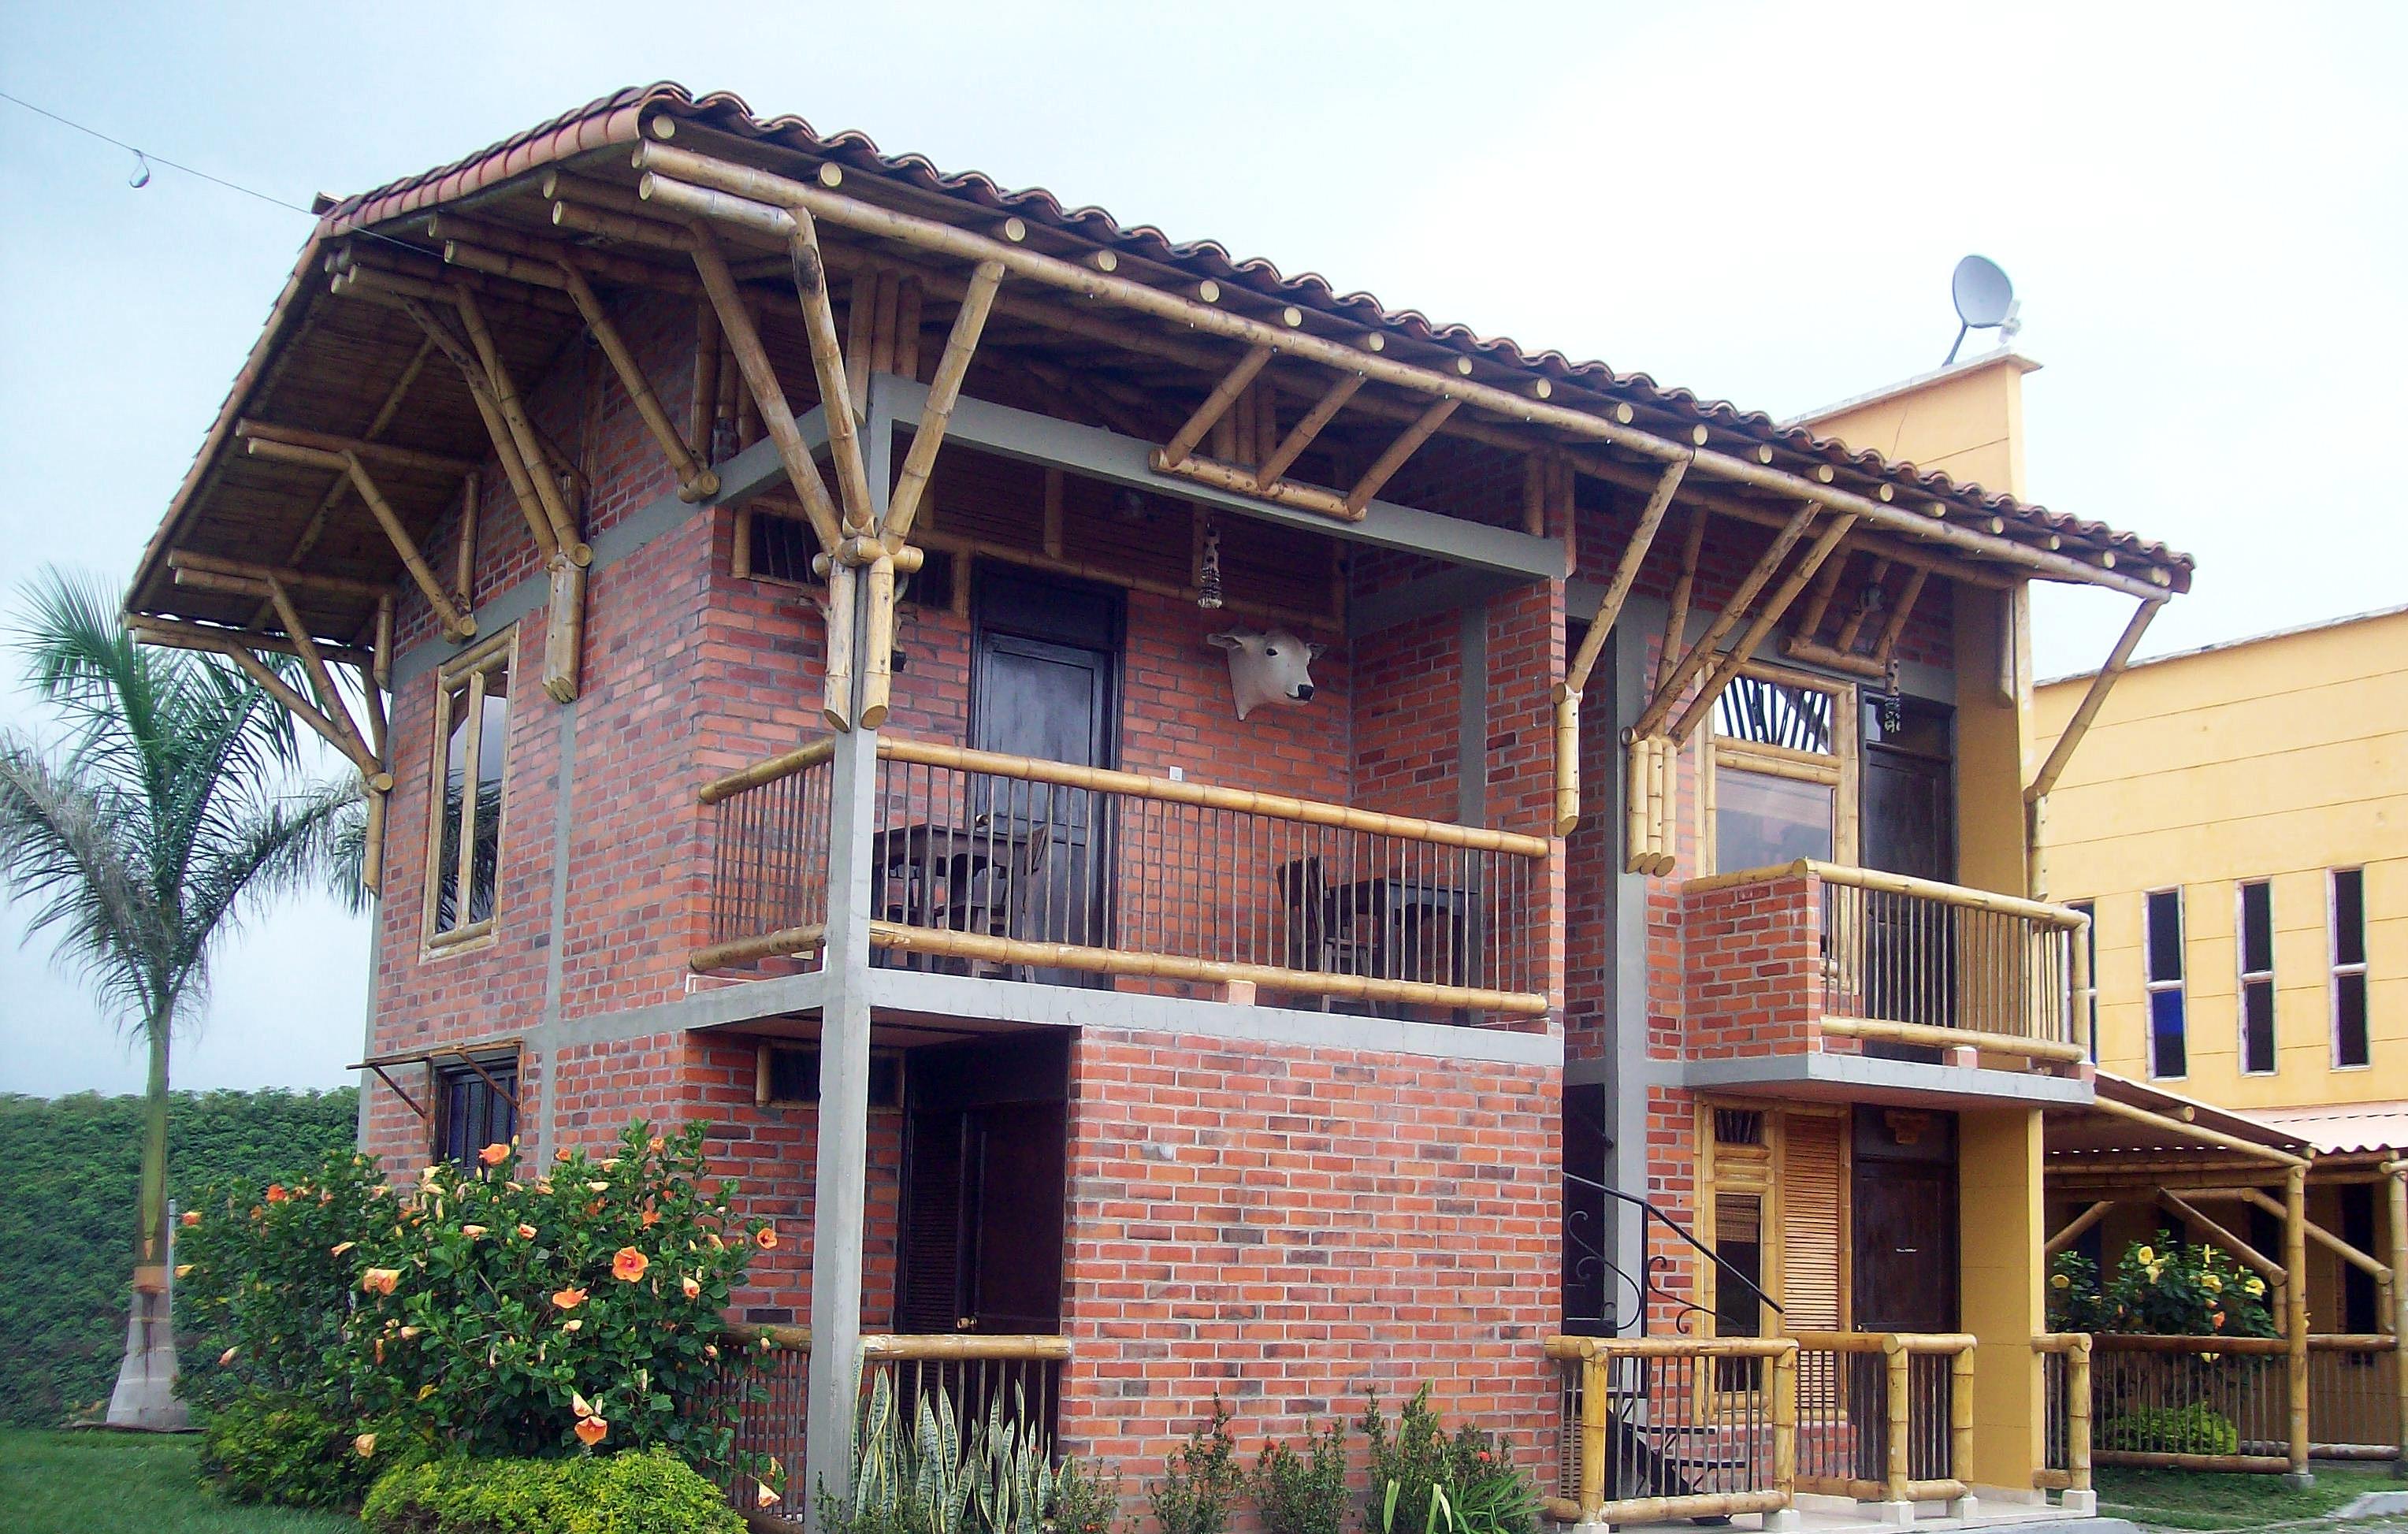 Sobrado de alvenaria, reforçado como estrutura de bambu: substituto do aço